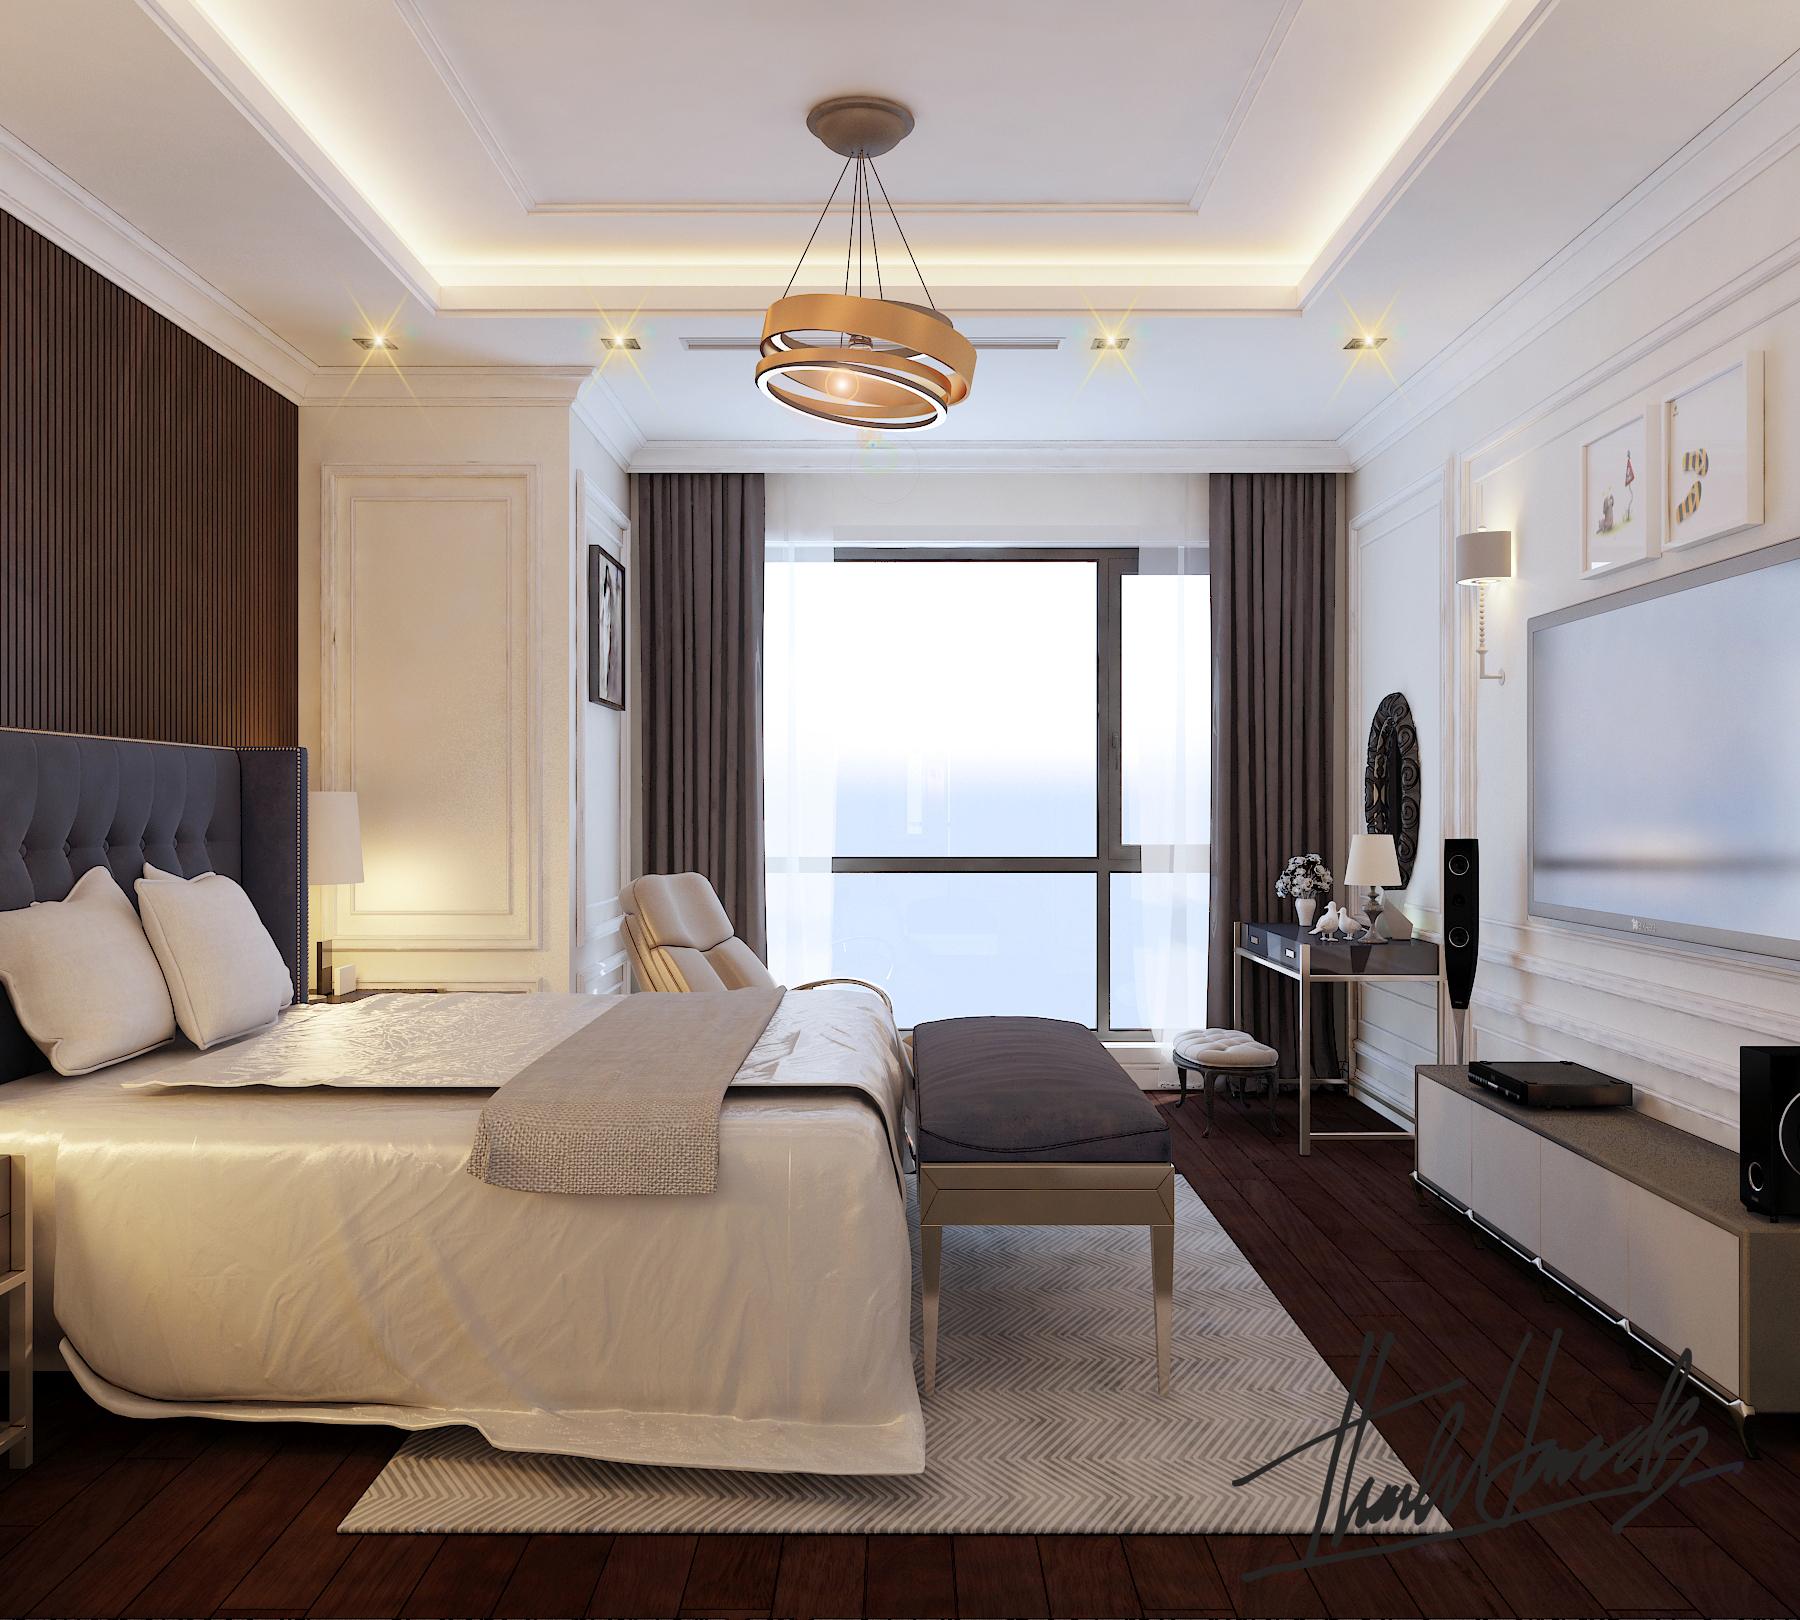 thiết kế nội thất chung cư tại Hà Nội chung cu royacity 12 1568191829